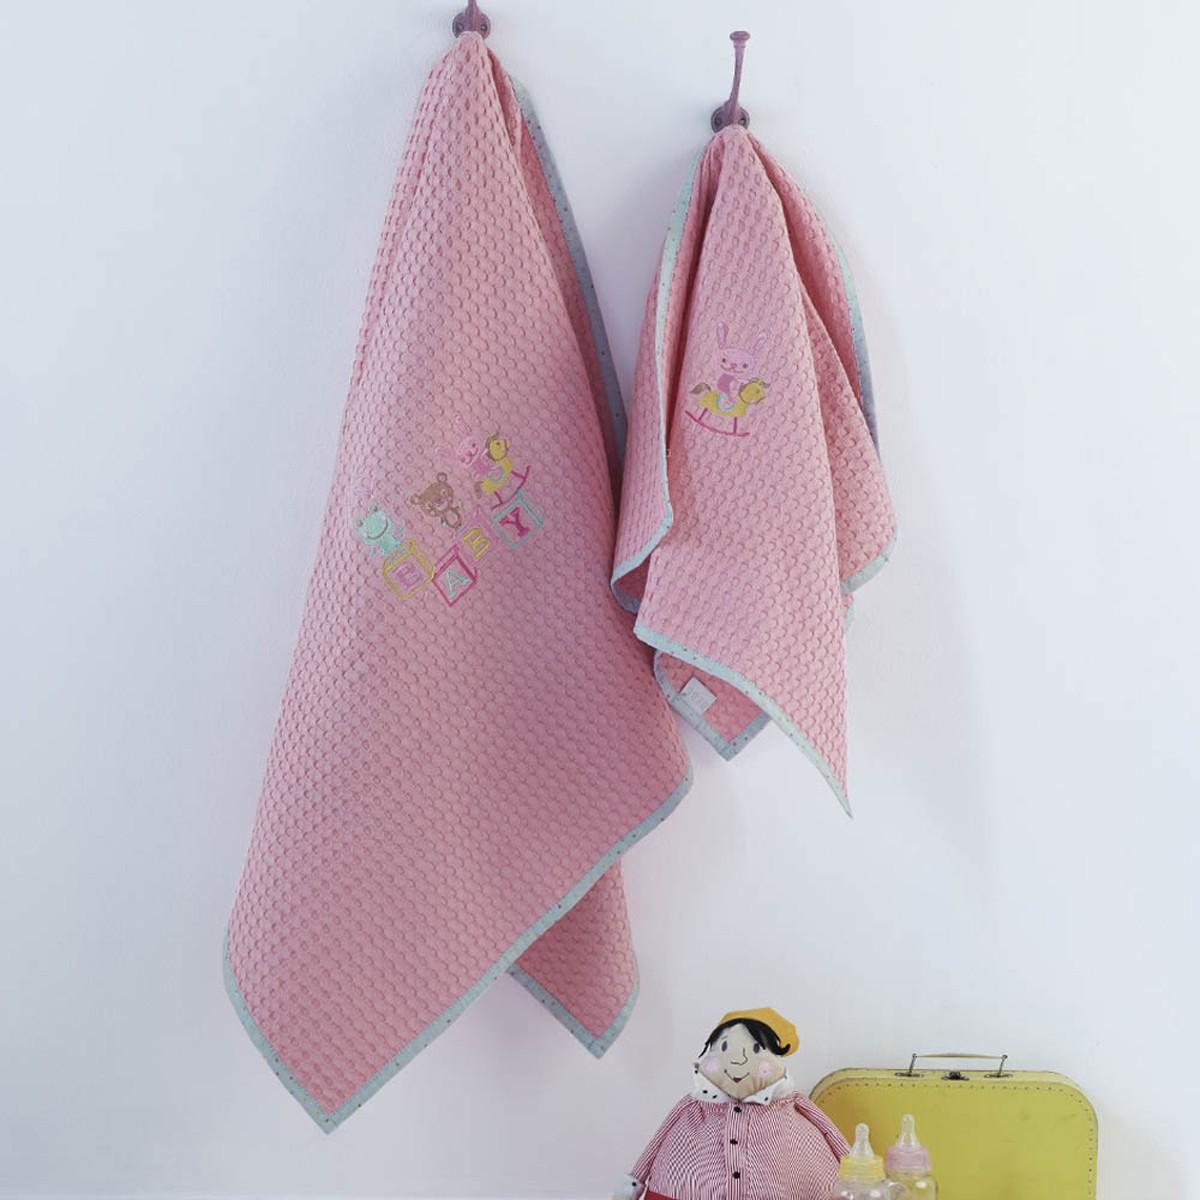 Κουβέρτα Πικέ Κούνιας Kentia Baby Cube home   βρεφικά   κουβέρτες βρεφικές   κουβέρτες καλοκαιρινές